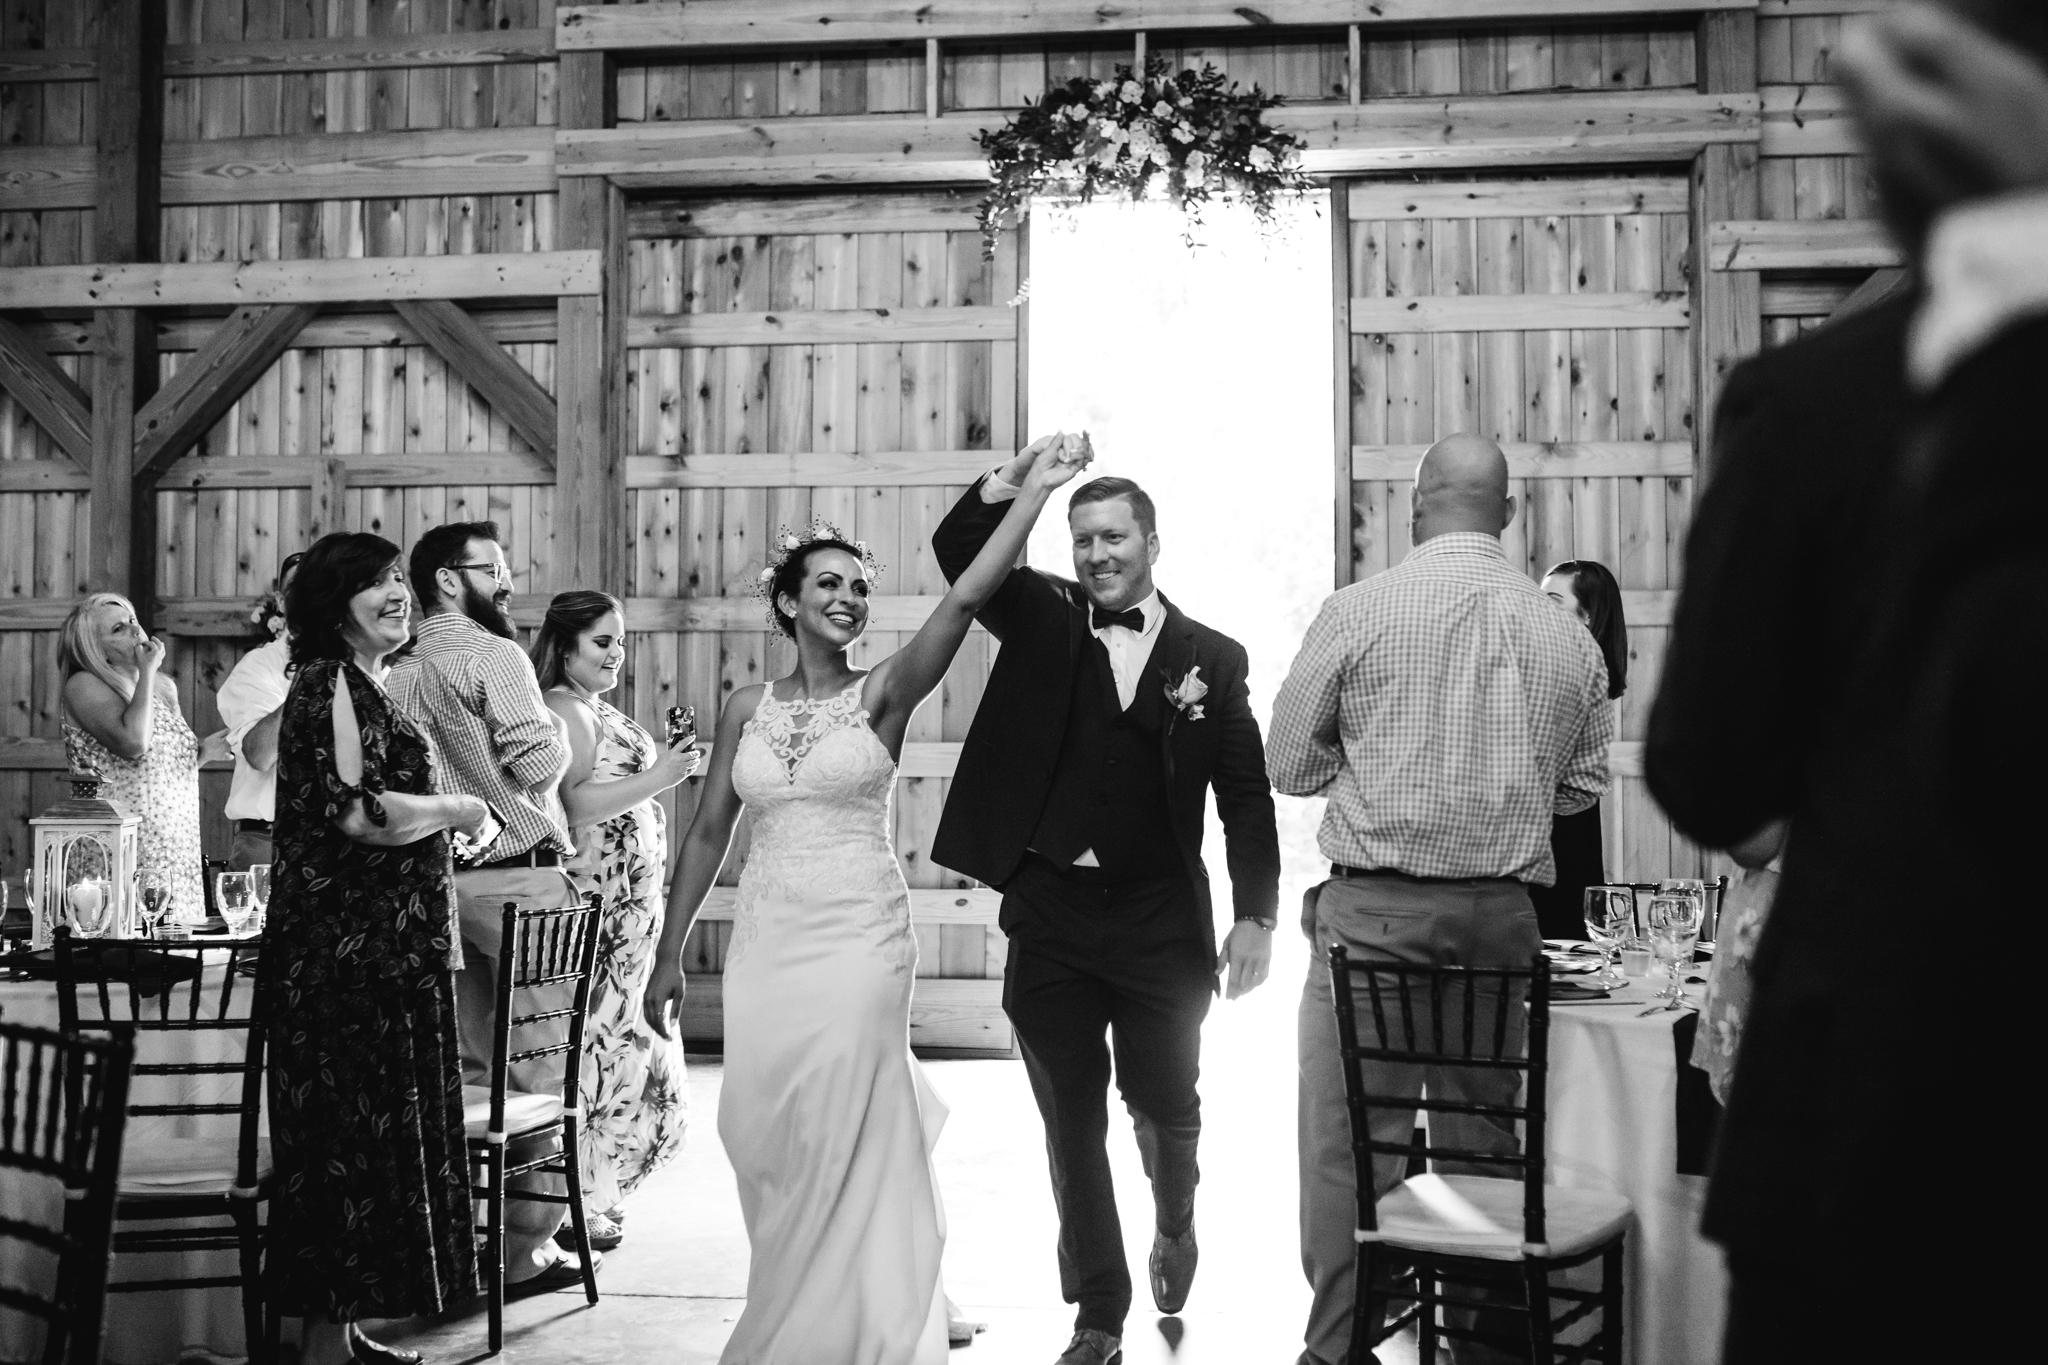 saddlewoodsfarms-nashville-wedding-photographer-thewarmtharoundyou-rustic-wedding (209 of 251).jpg